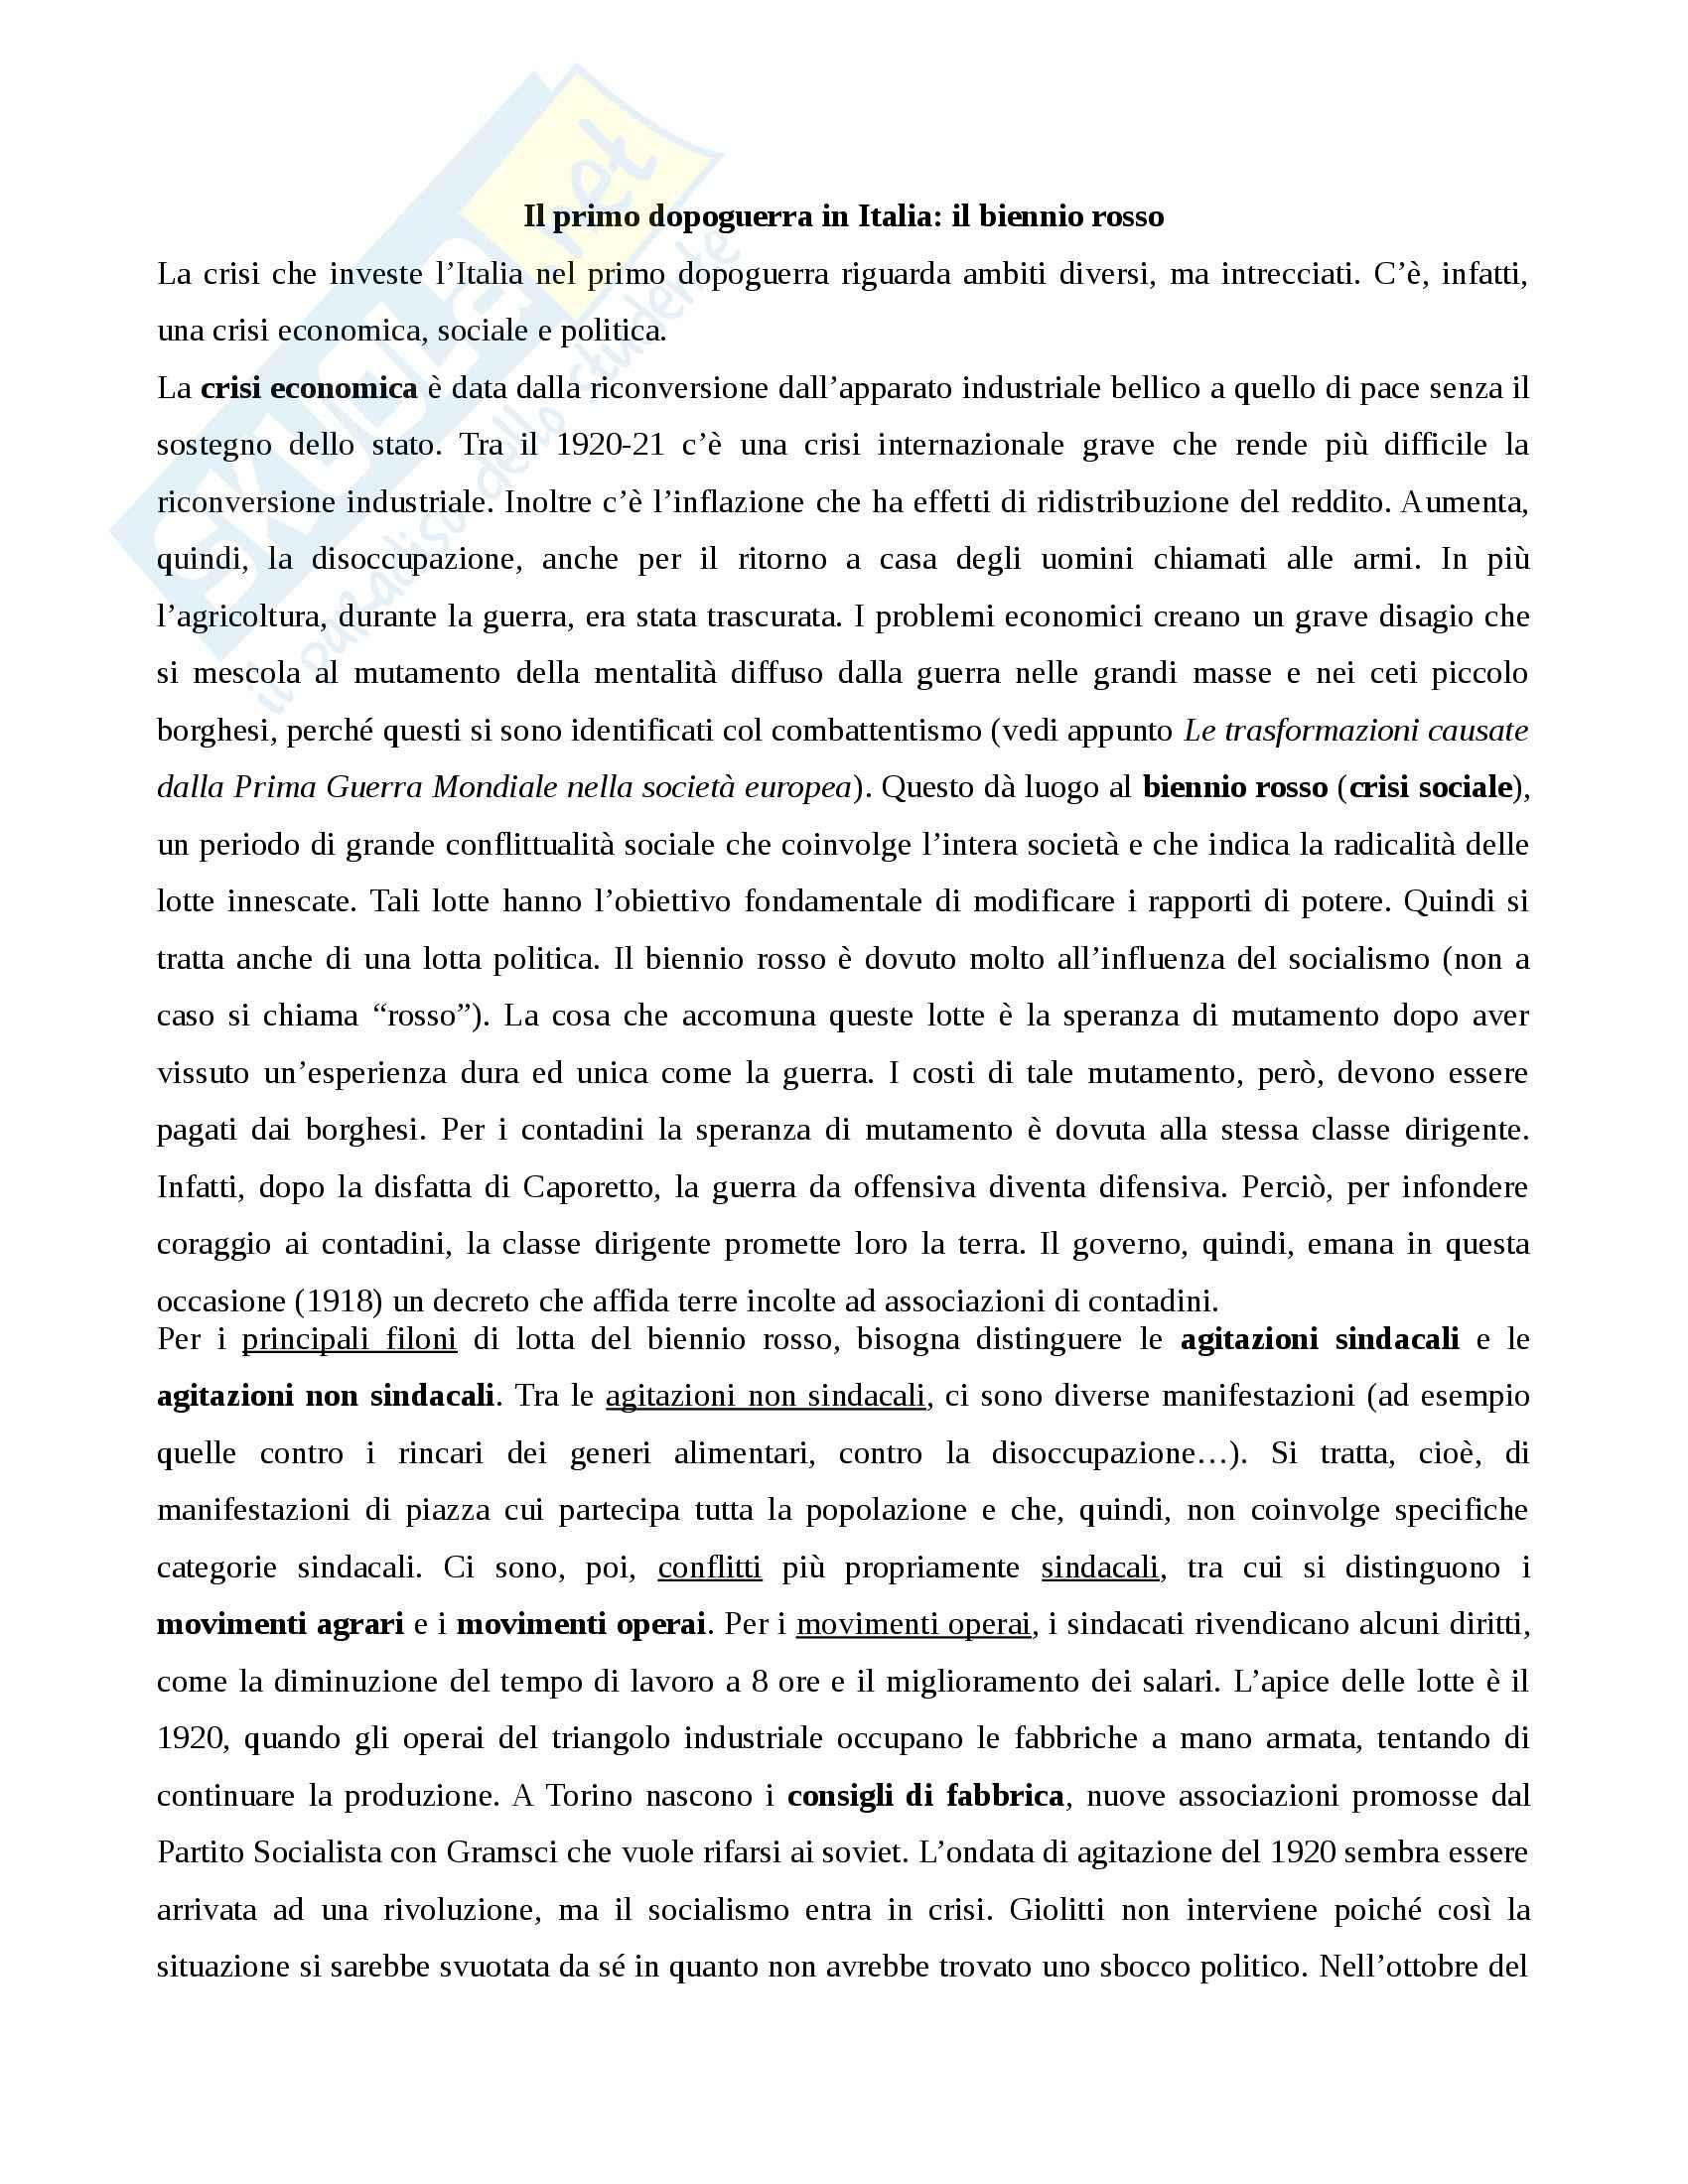 Storia contemporanea - il primo dopoguerra in Italia e il biennio rosso